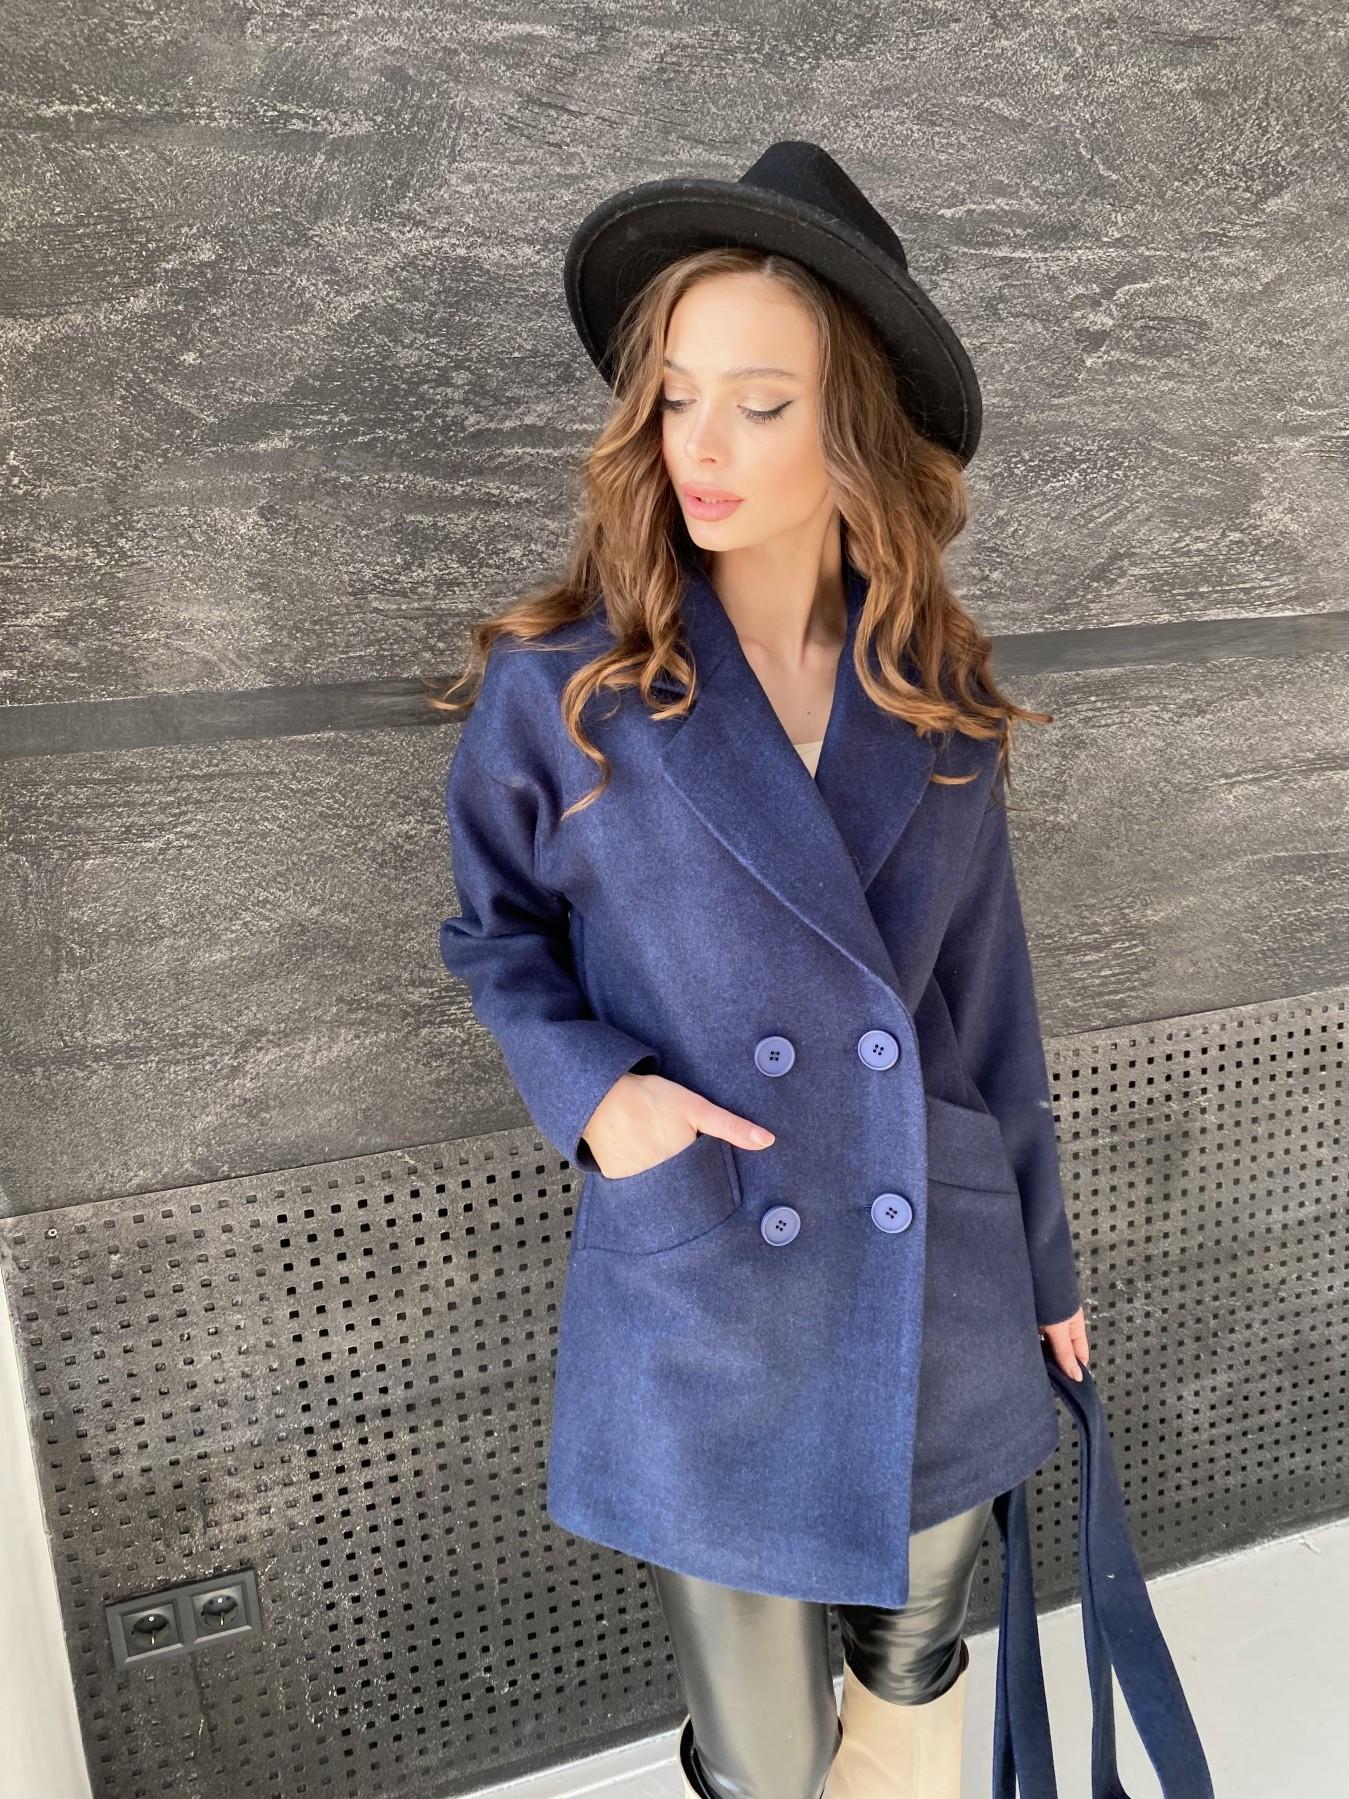 Бонд пальто  кашемировое меланж на трикотаже  10644 АРТ. 47180 Цвет: Т.синий 17 - фото 2, интернет магазин tm-modus.ru